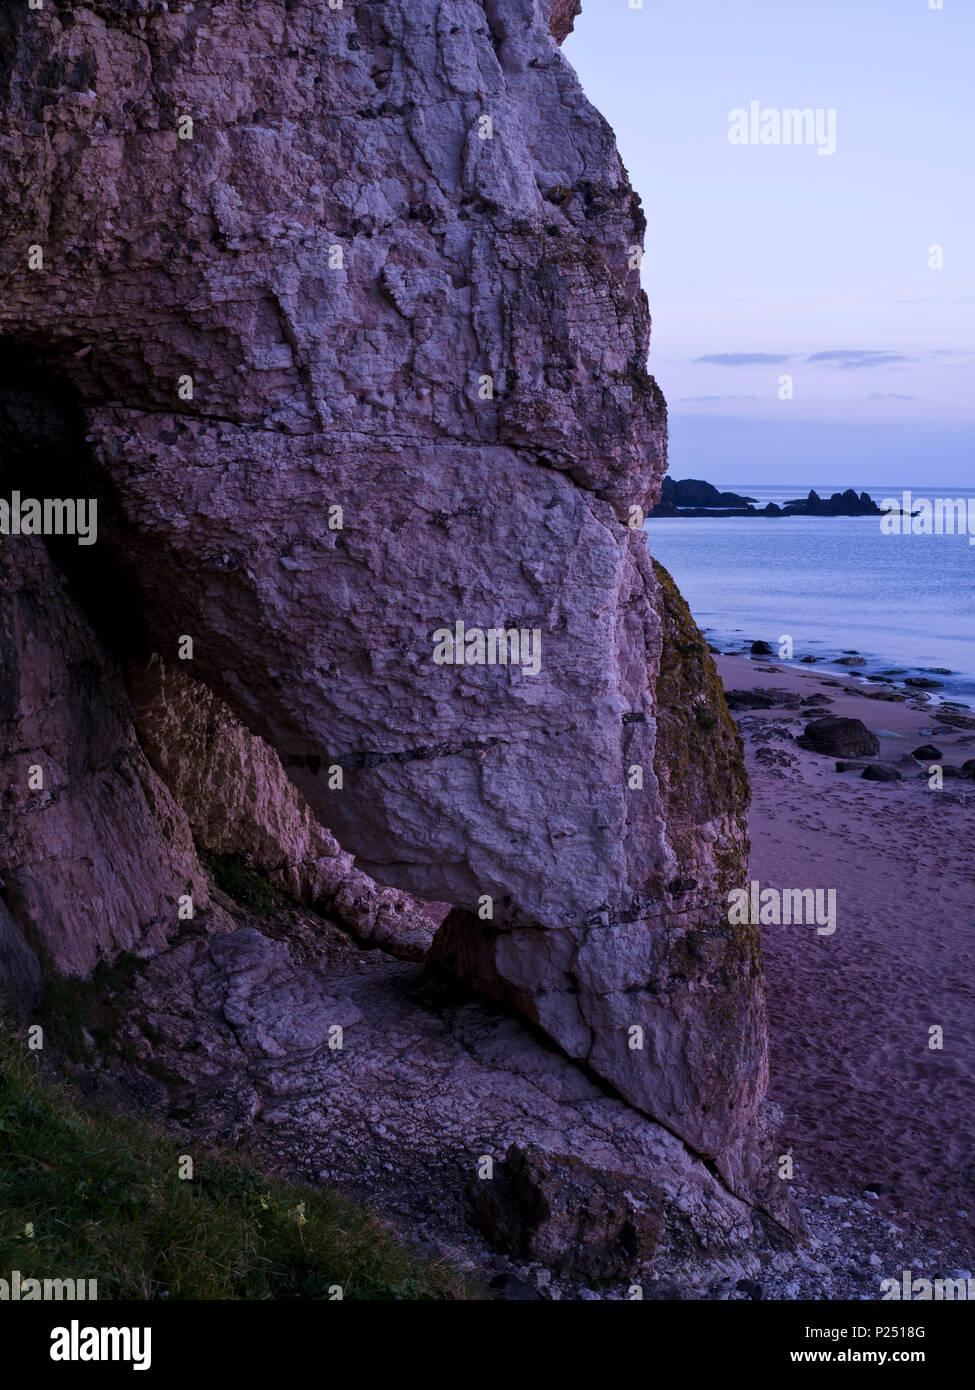 Nordirland, Antrim, Causeway Coast, Steilküste aus Muschelkalkstein bei Ballintoy, Felsentor, blaue Stunde Stockbild